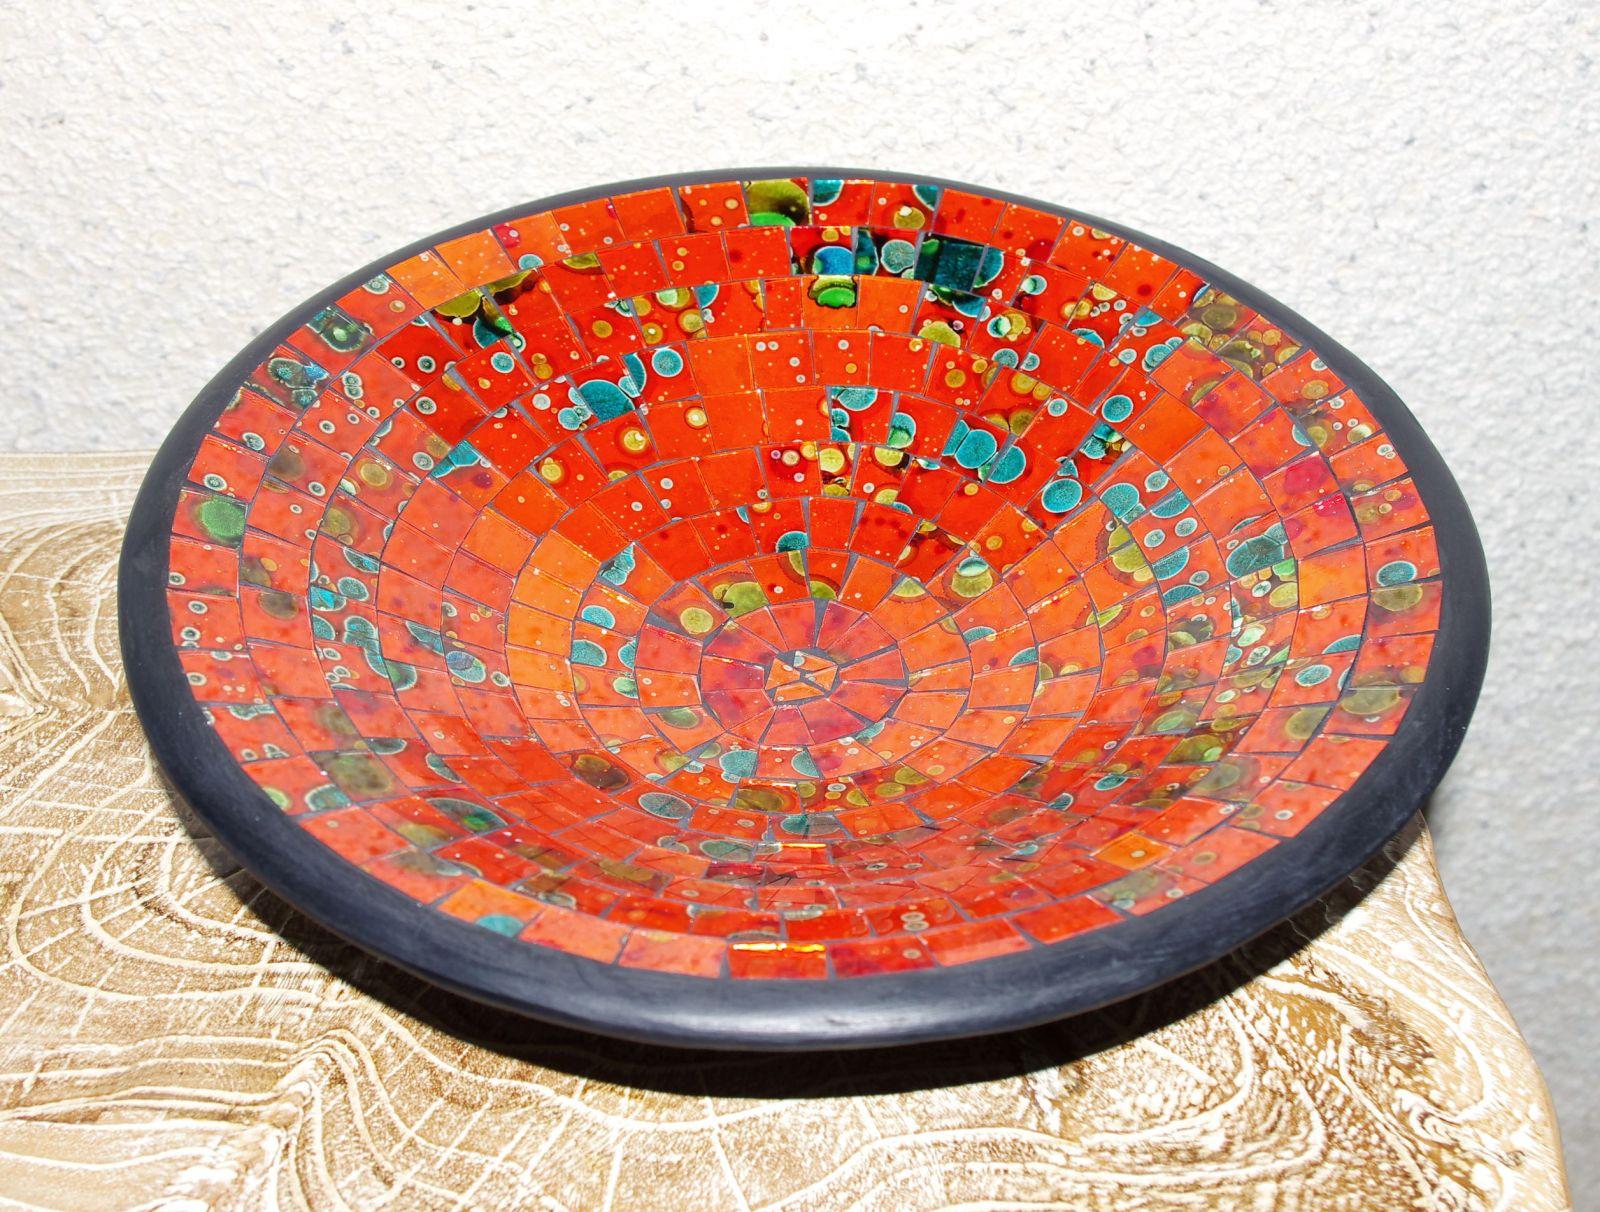 Mísa se skleněnou mozaikou velká - cihlová červená, terracota, keramika Lombok, Indonésie ID1604101